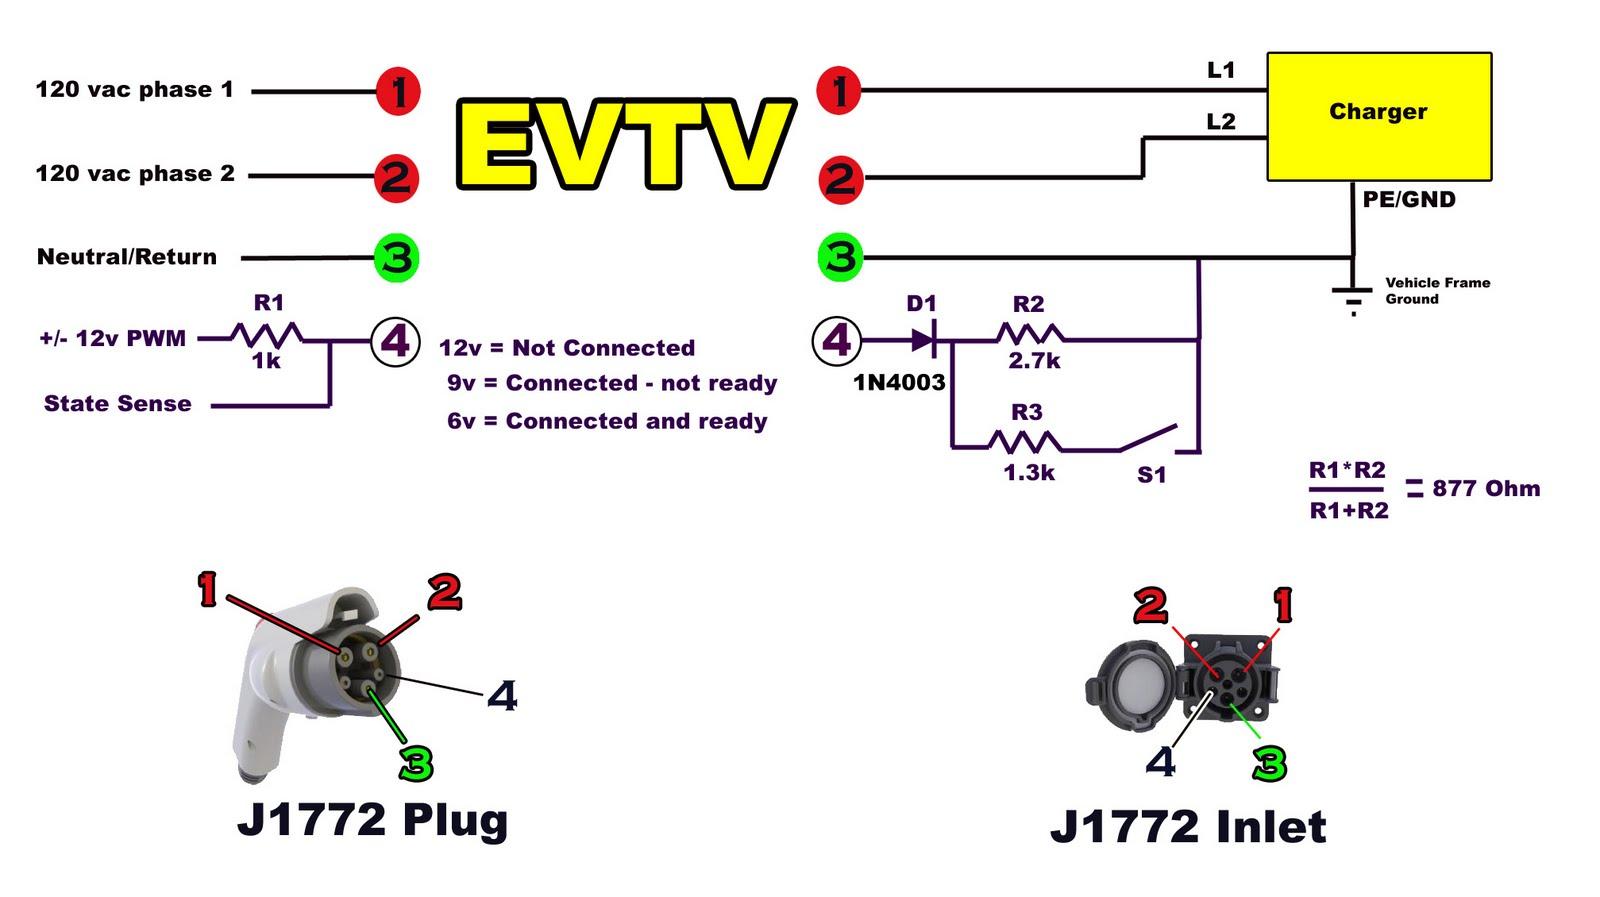 sae j1772 schematic wiring diagram data sae j1772 schematic [ 1600 x 897 Pixel ]